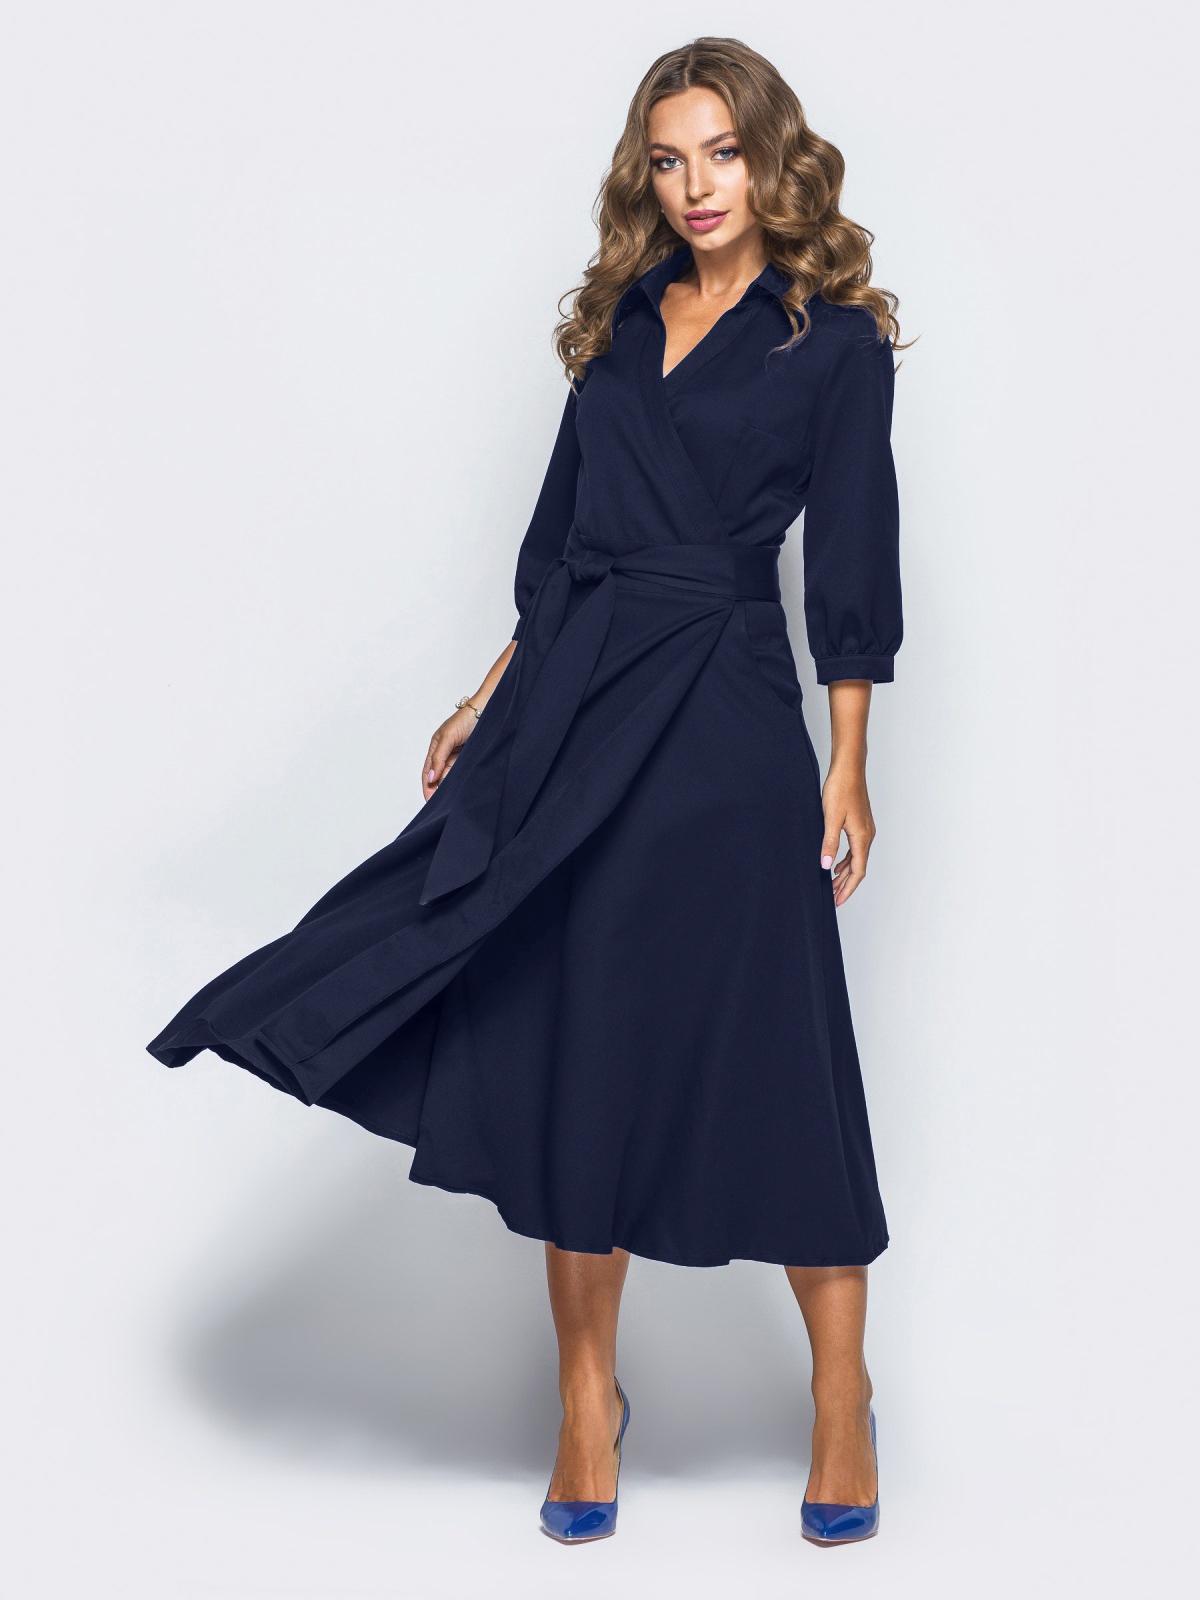 Платье-халат синего цвета с отложным воротником 16476, фото 1